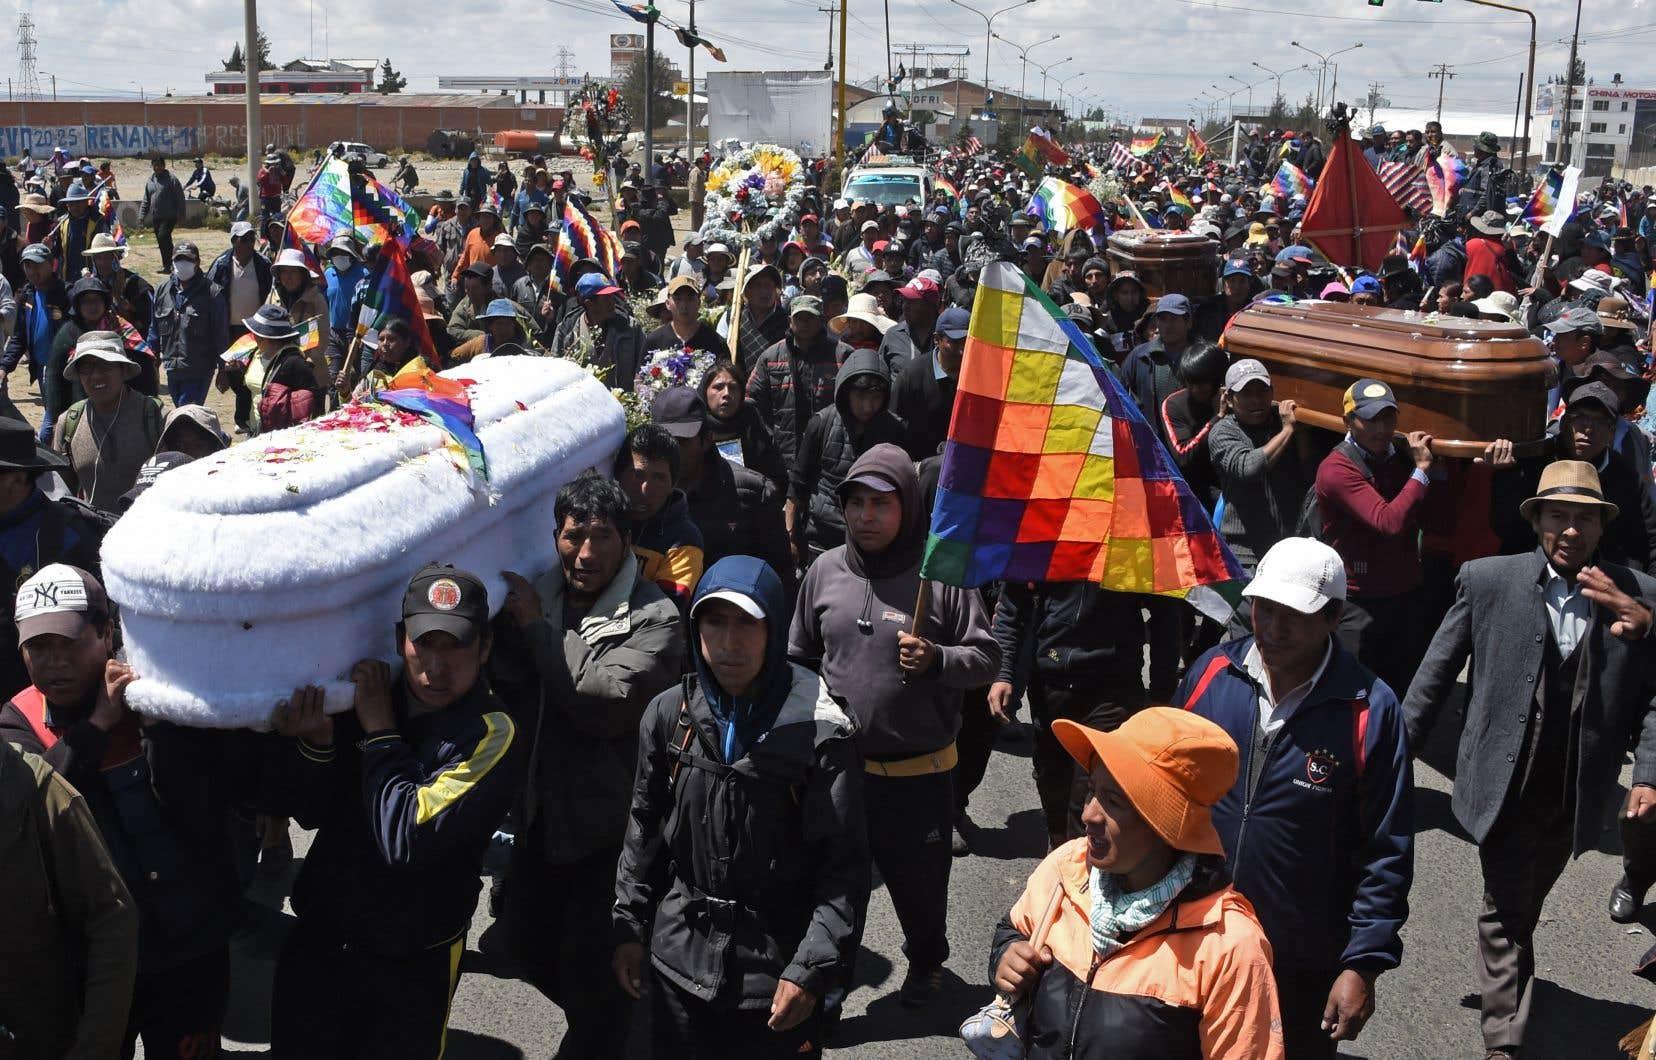 Des milliers de personnes portant les cercueils de victimes des violences ont fait entendre leur colère.